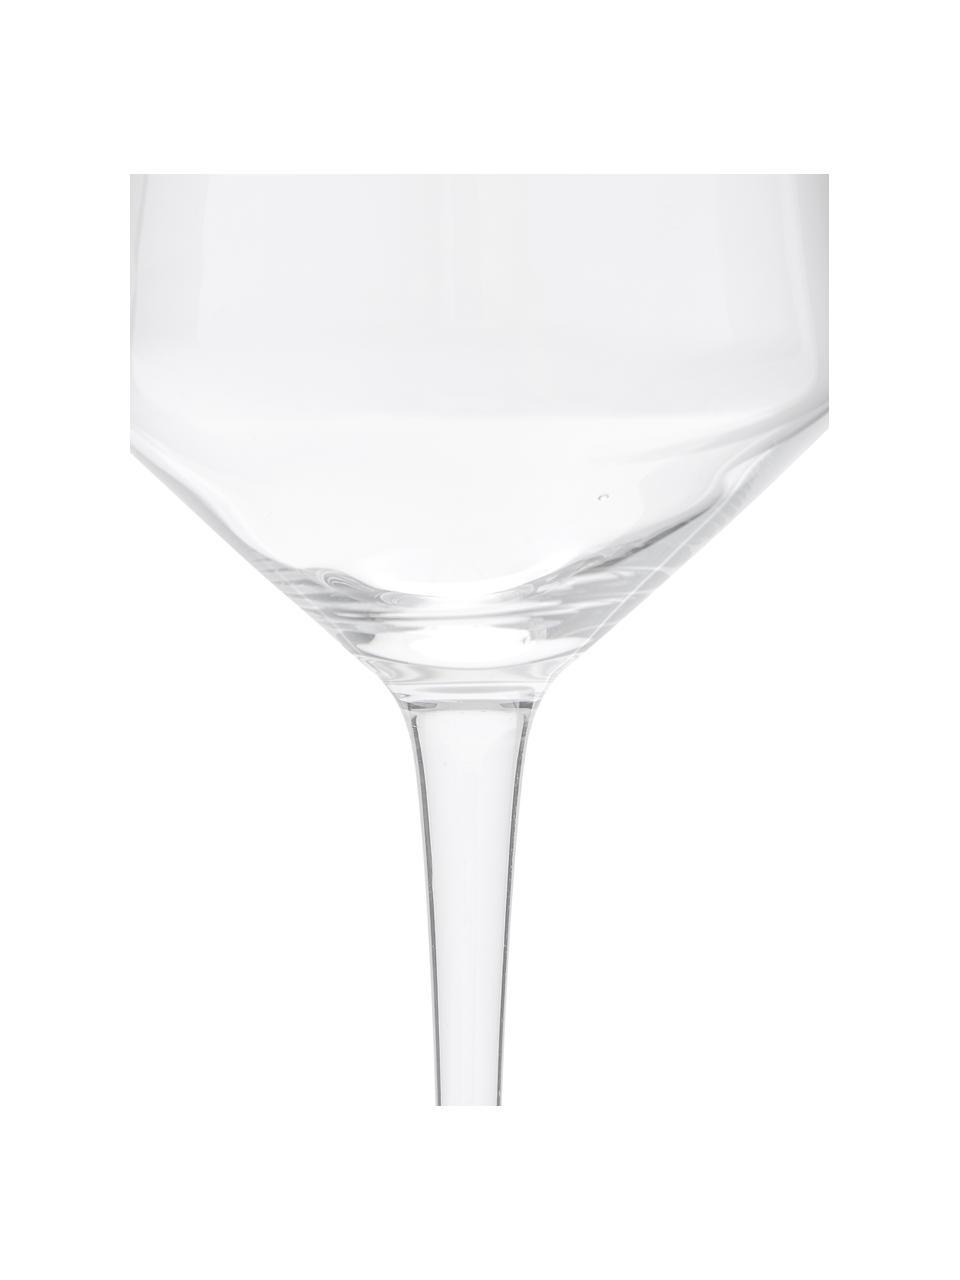 Kieliszek do białego wina ze szkła dmuchanego Ays, 4 szt., Szkło, Transparentny, Ø 6 x W 24 cm